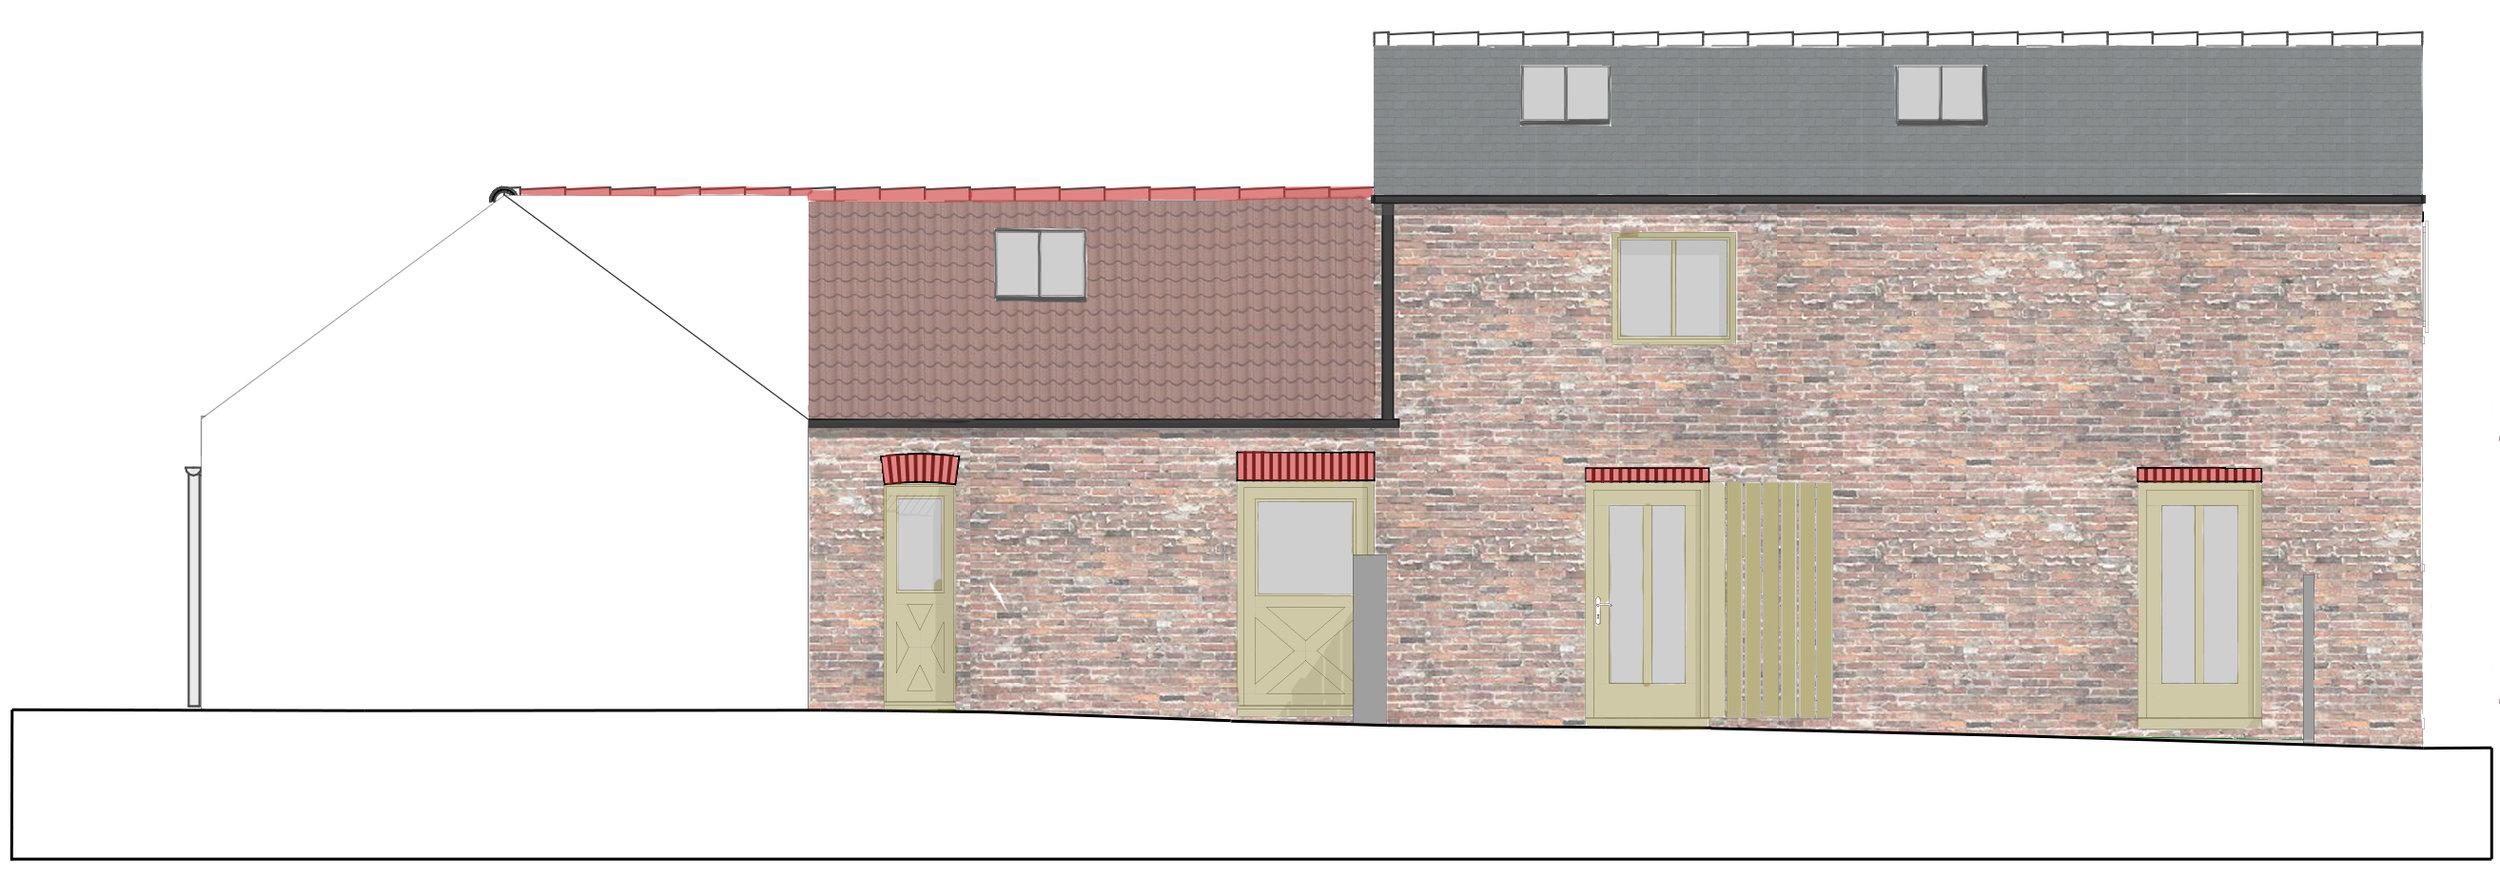 Proposed Redundant Building Conversion